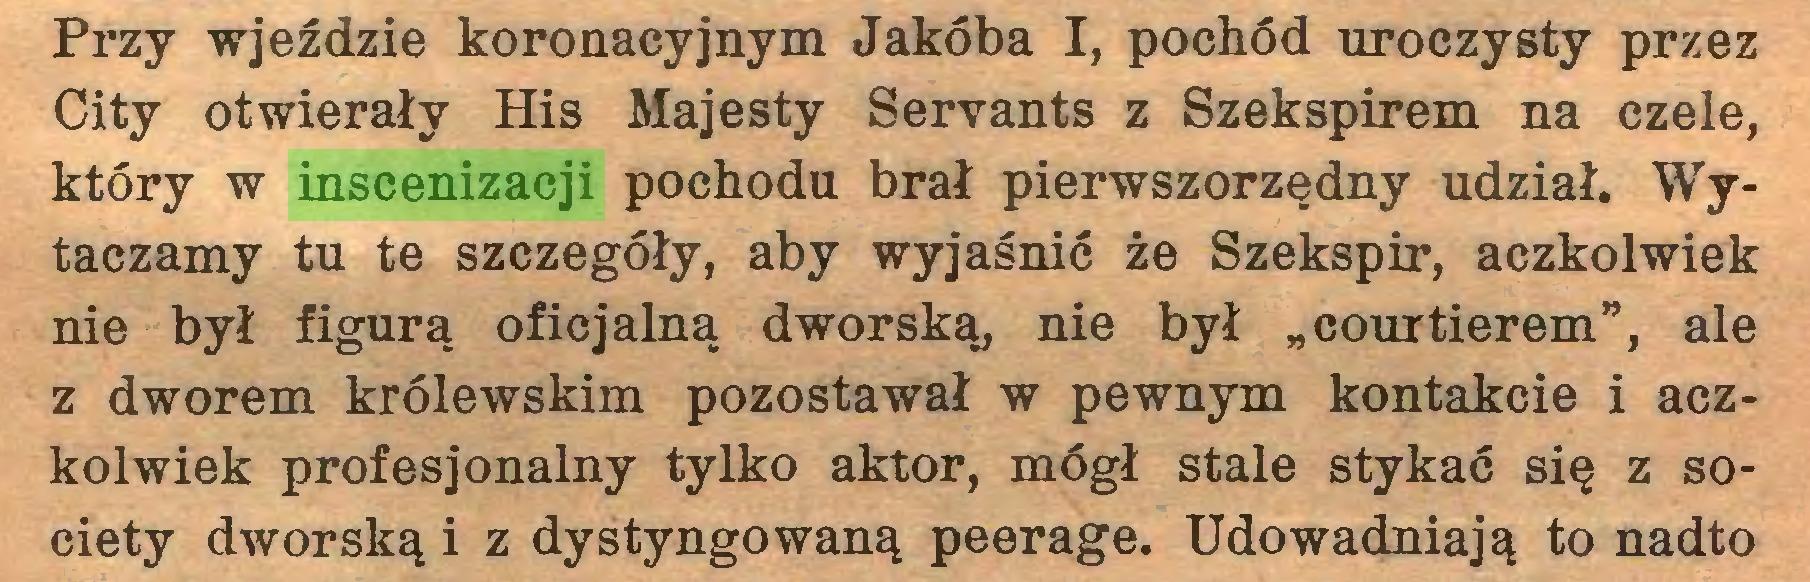 """(...) Przy wjeździe koronacyjnym Jakóba I, pochód uroczysty przez City otwierały His Majesty Servants z Szekspirem na czele, który w inscenizacji pochodu brał pierwszorzędny udział. Wytaczamy tu te szczegóły, aby wyjaśnić że Szekspir, aczkolwiek nie był figurą oficjalną dworską, nie był """"courtierem"""", ale z dworem królewskim pozostawał w pewnym kontakcie i aczkolwiek profesjonalny tylko aktor, mógł stale stykać się z society dworską i z dystyngowaną peerage. Udowadniają to nadto..."""